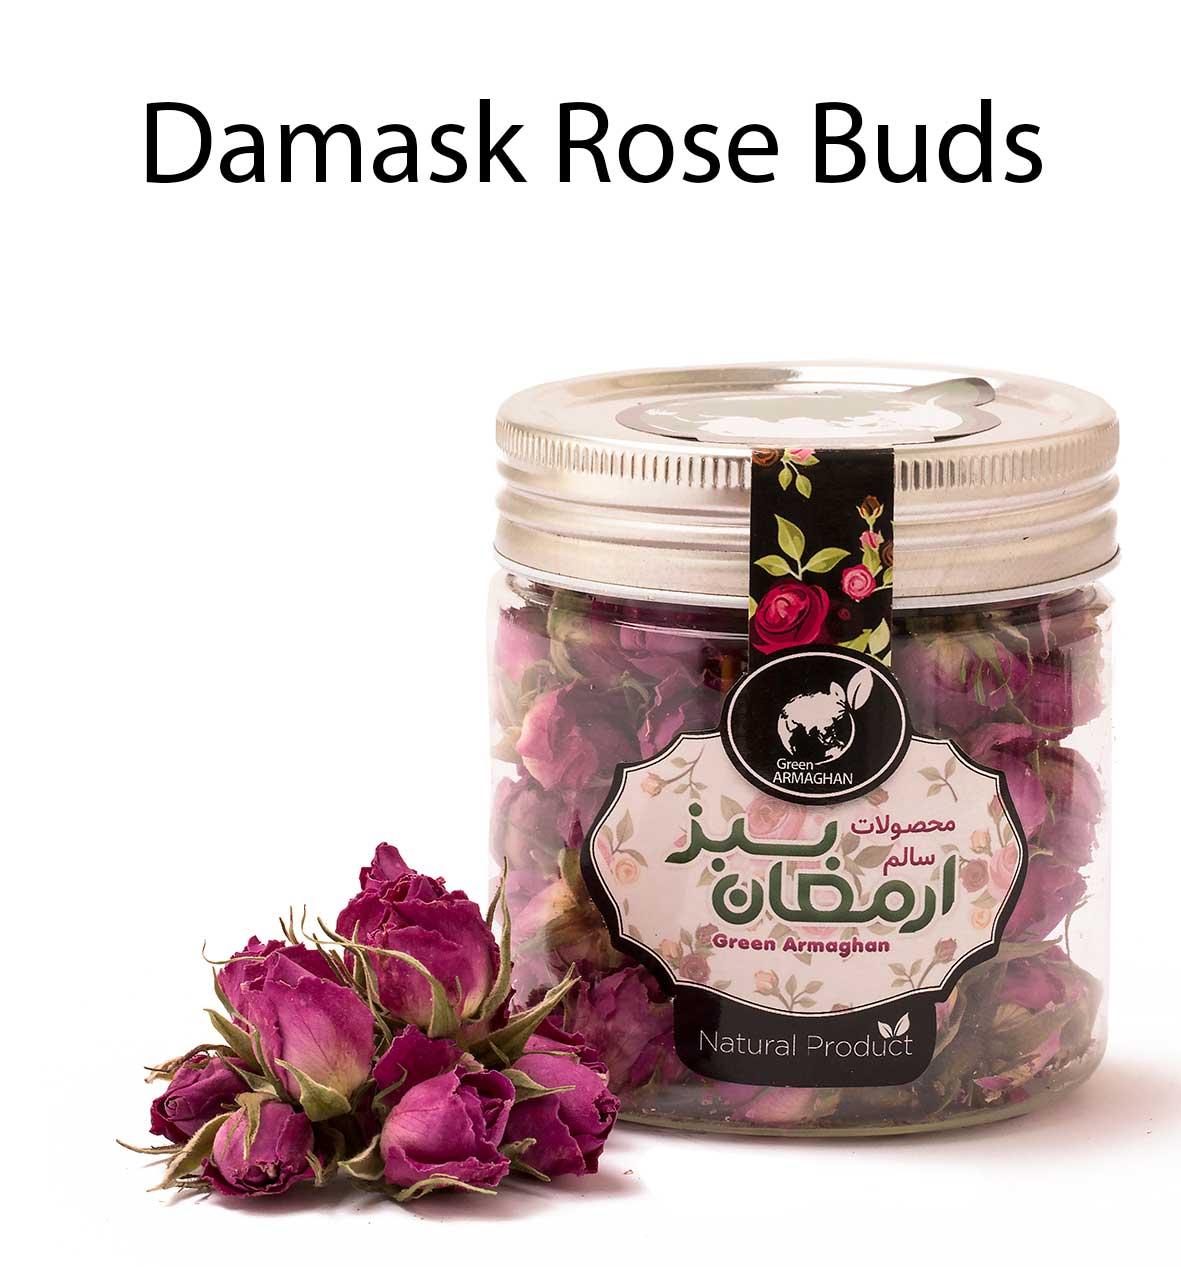 Danask Rose Buds